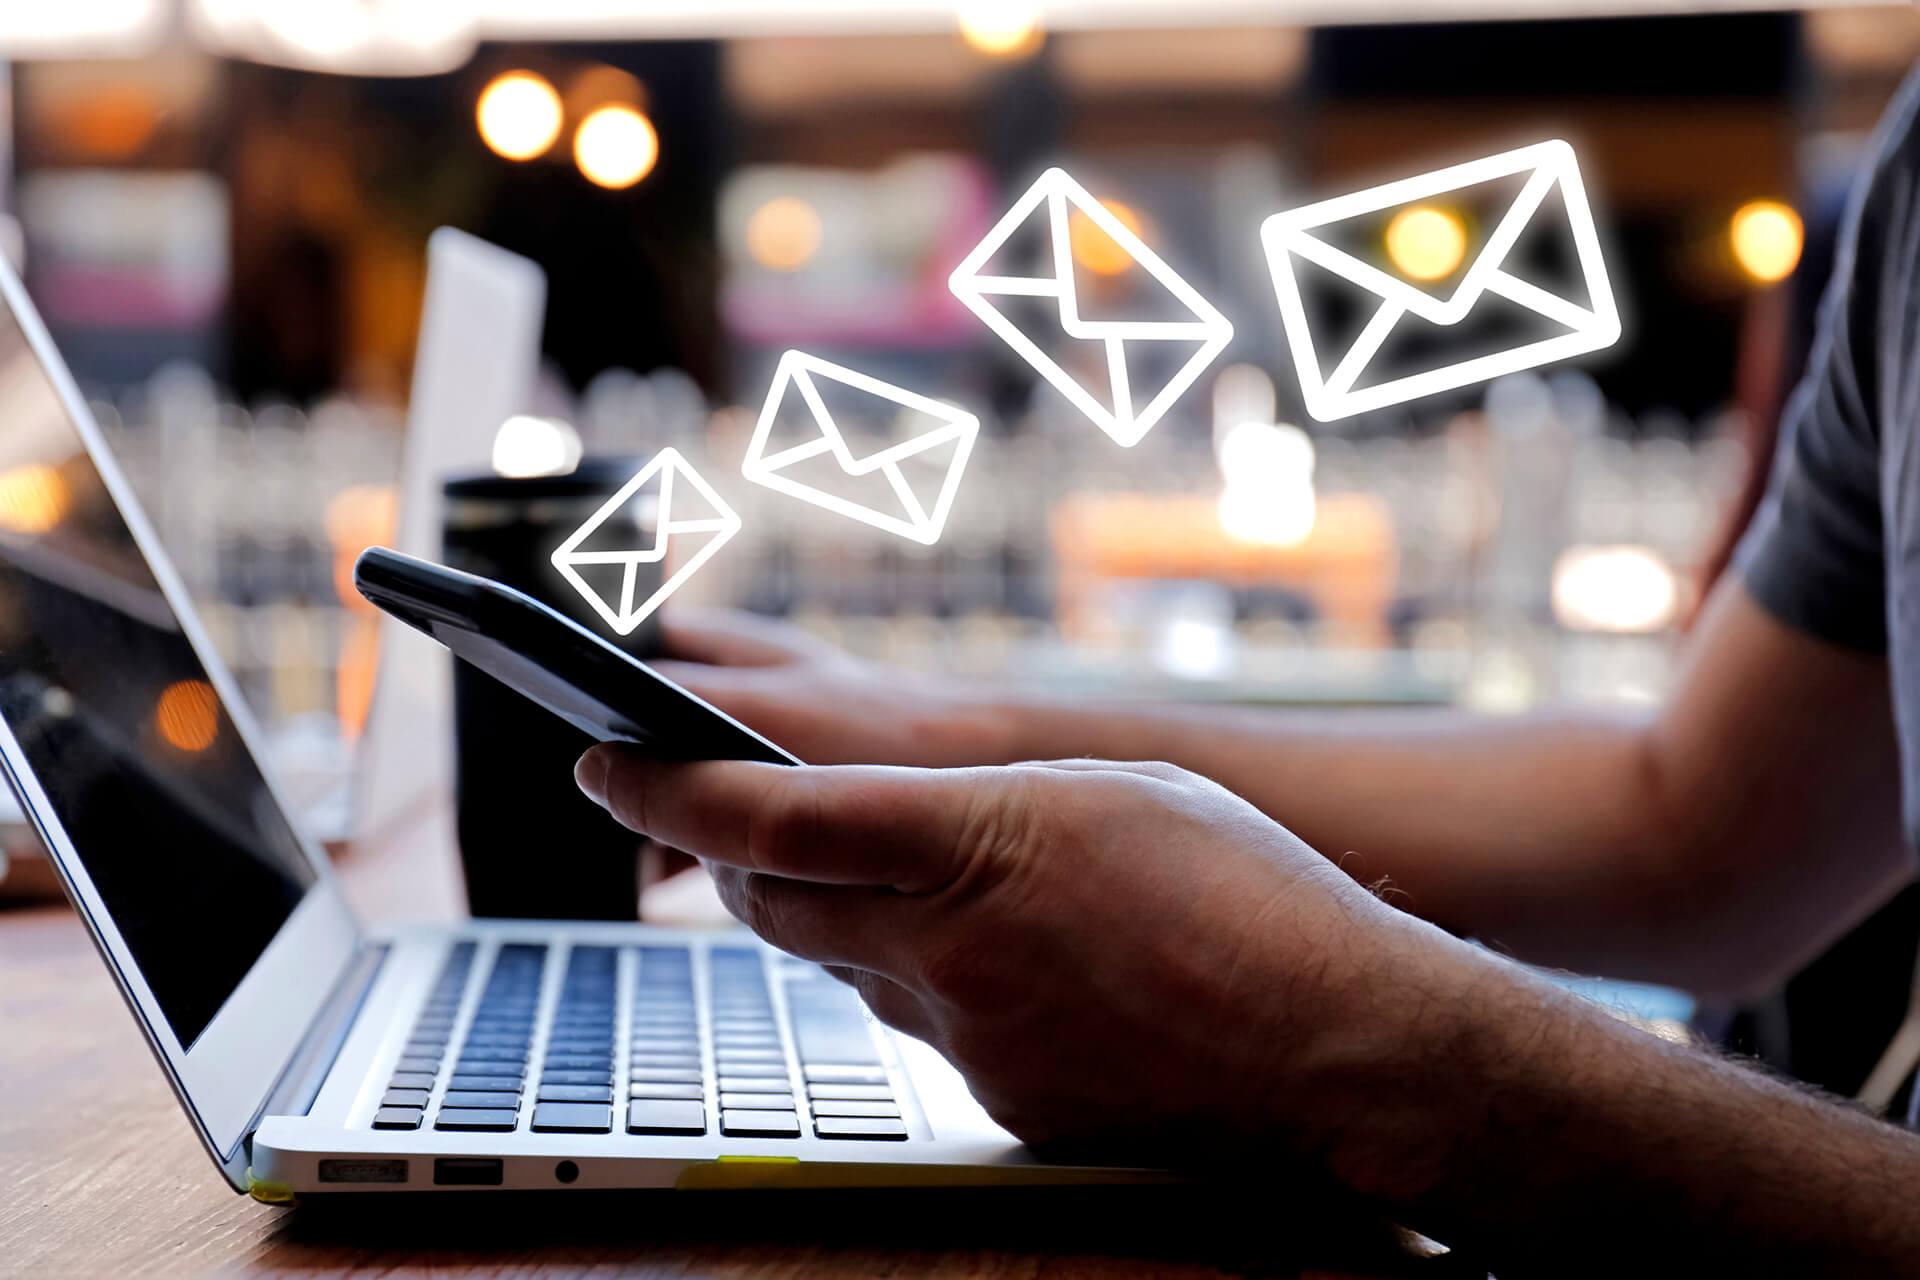 Compra de mailing: entenda se a prática vale a pena